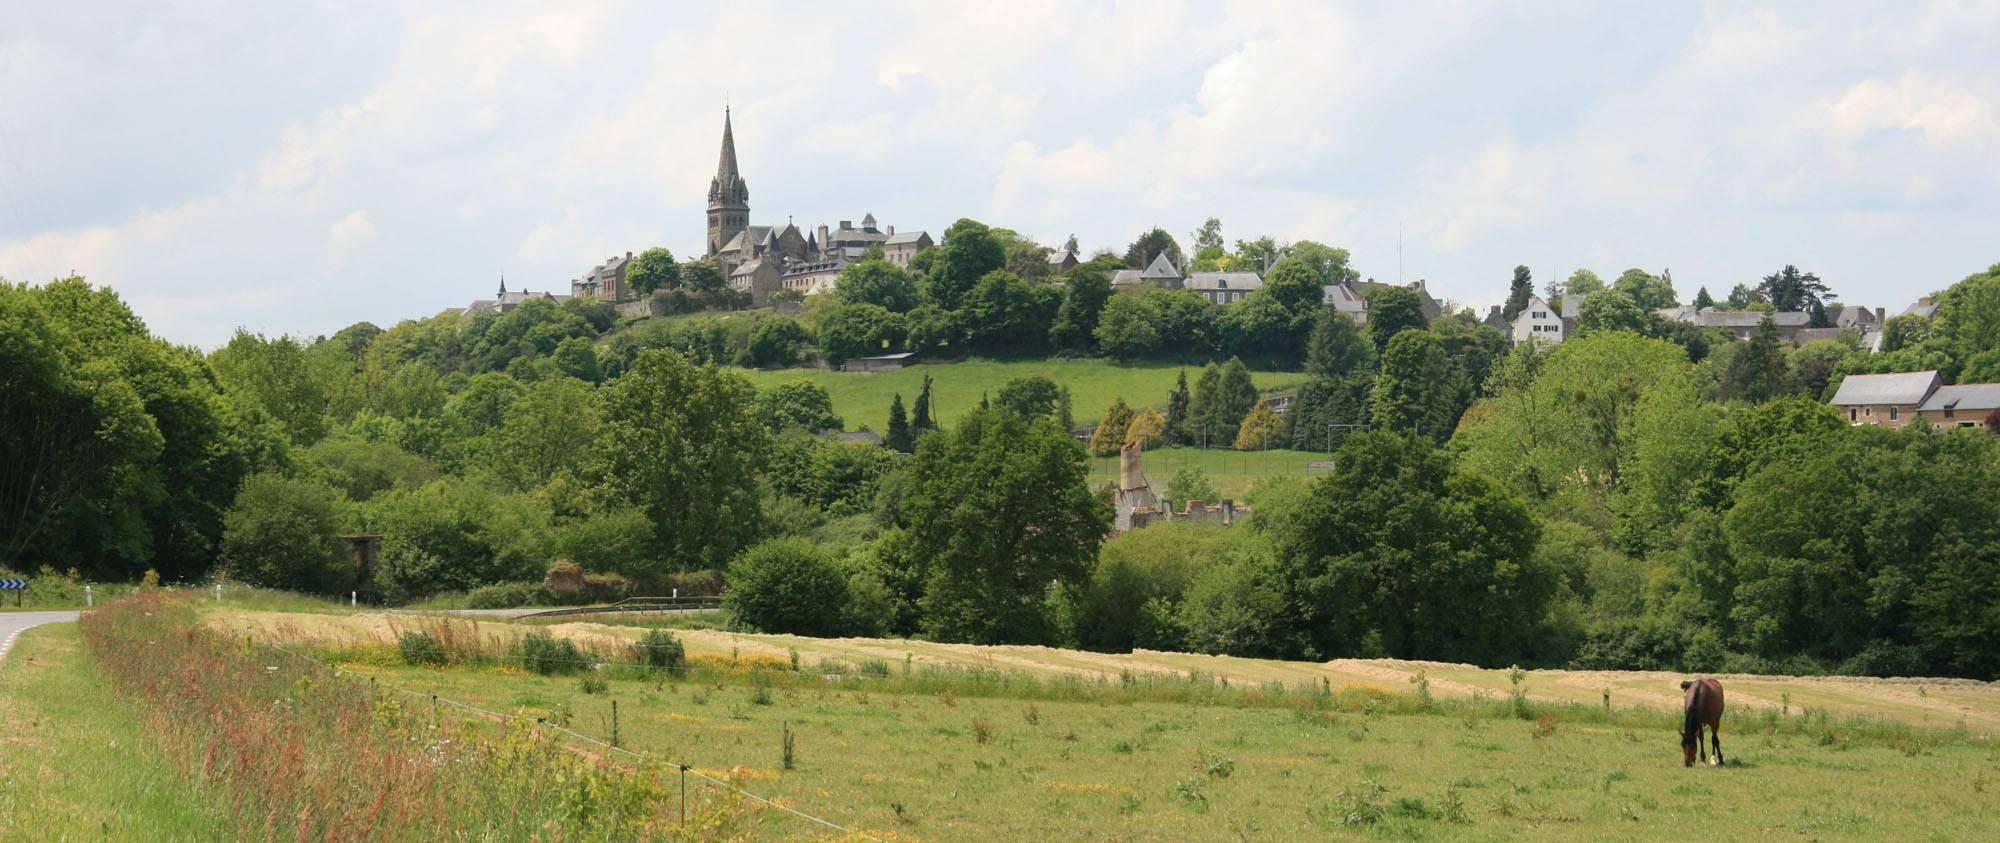 Photo 3: Bécherel, la petite cité du livre